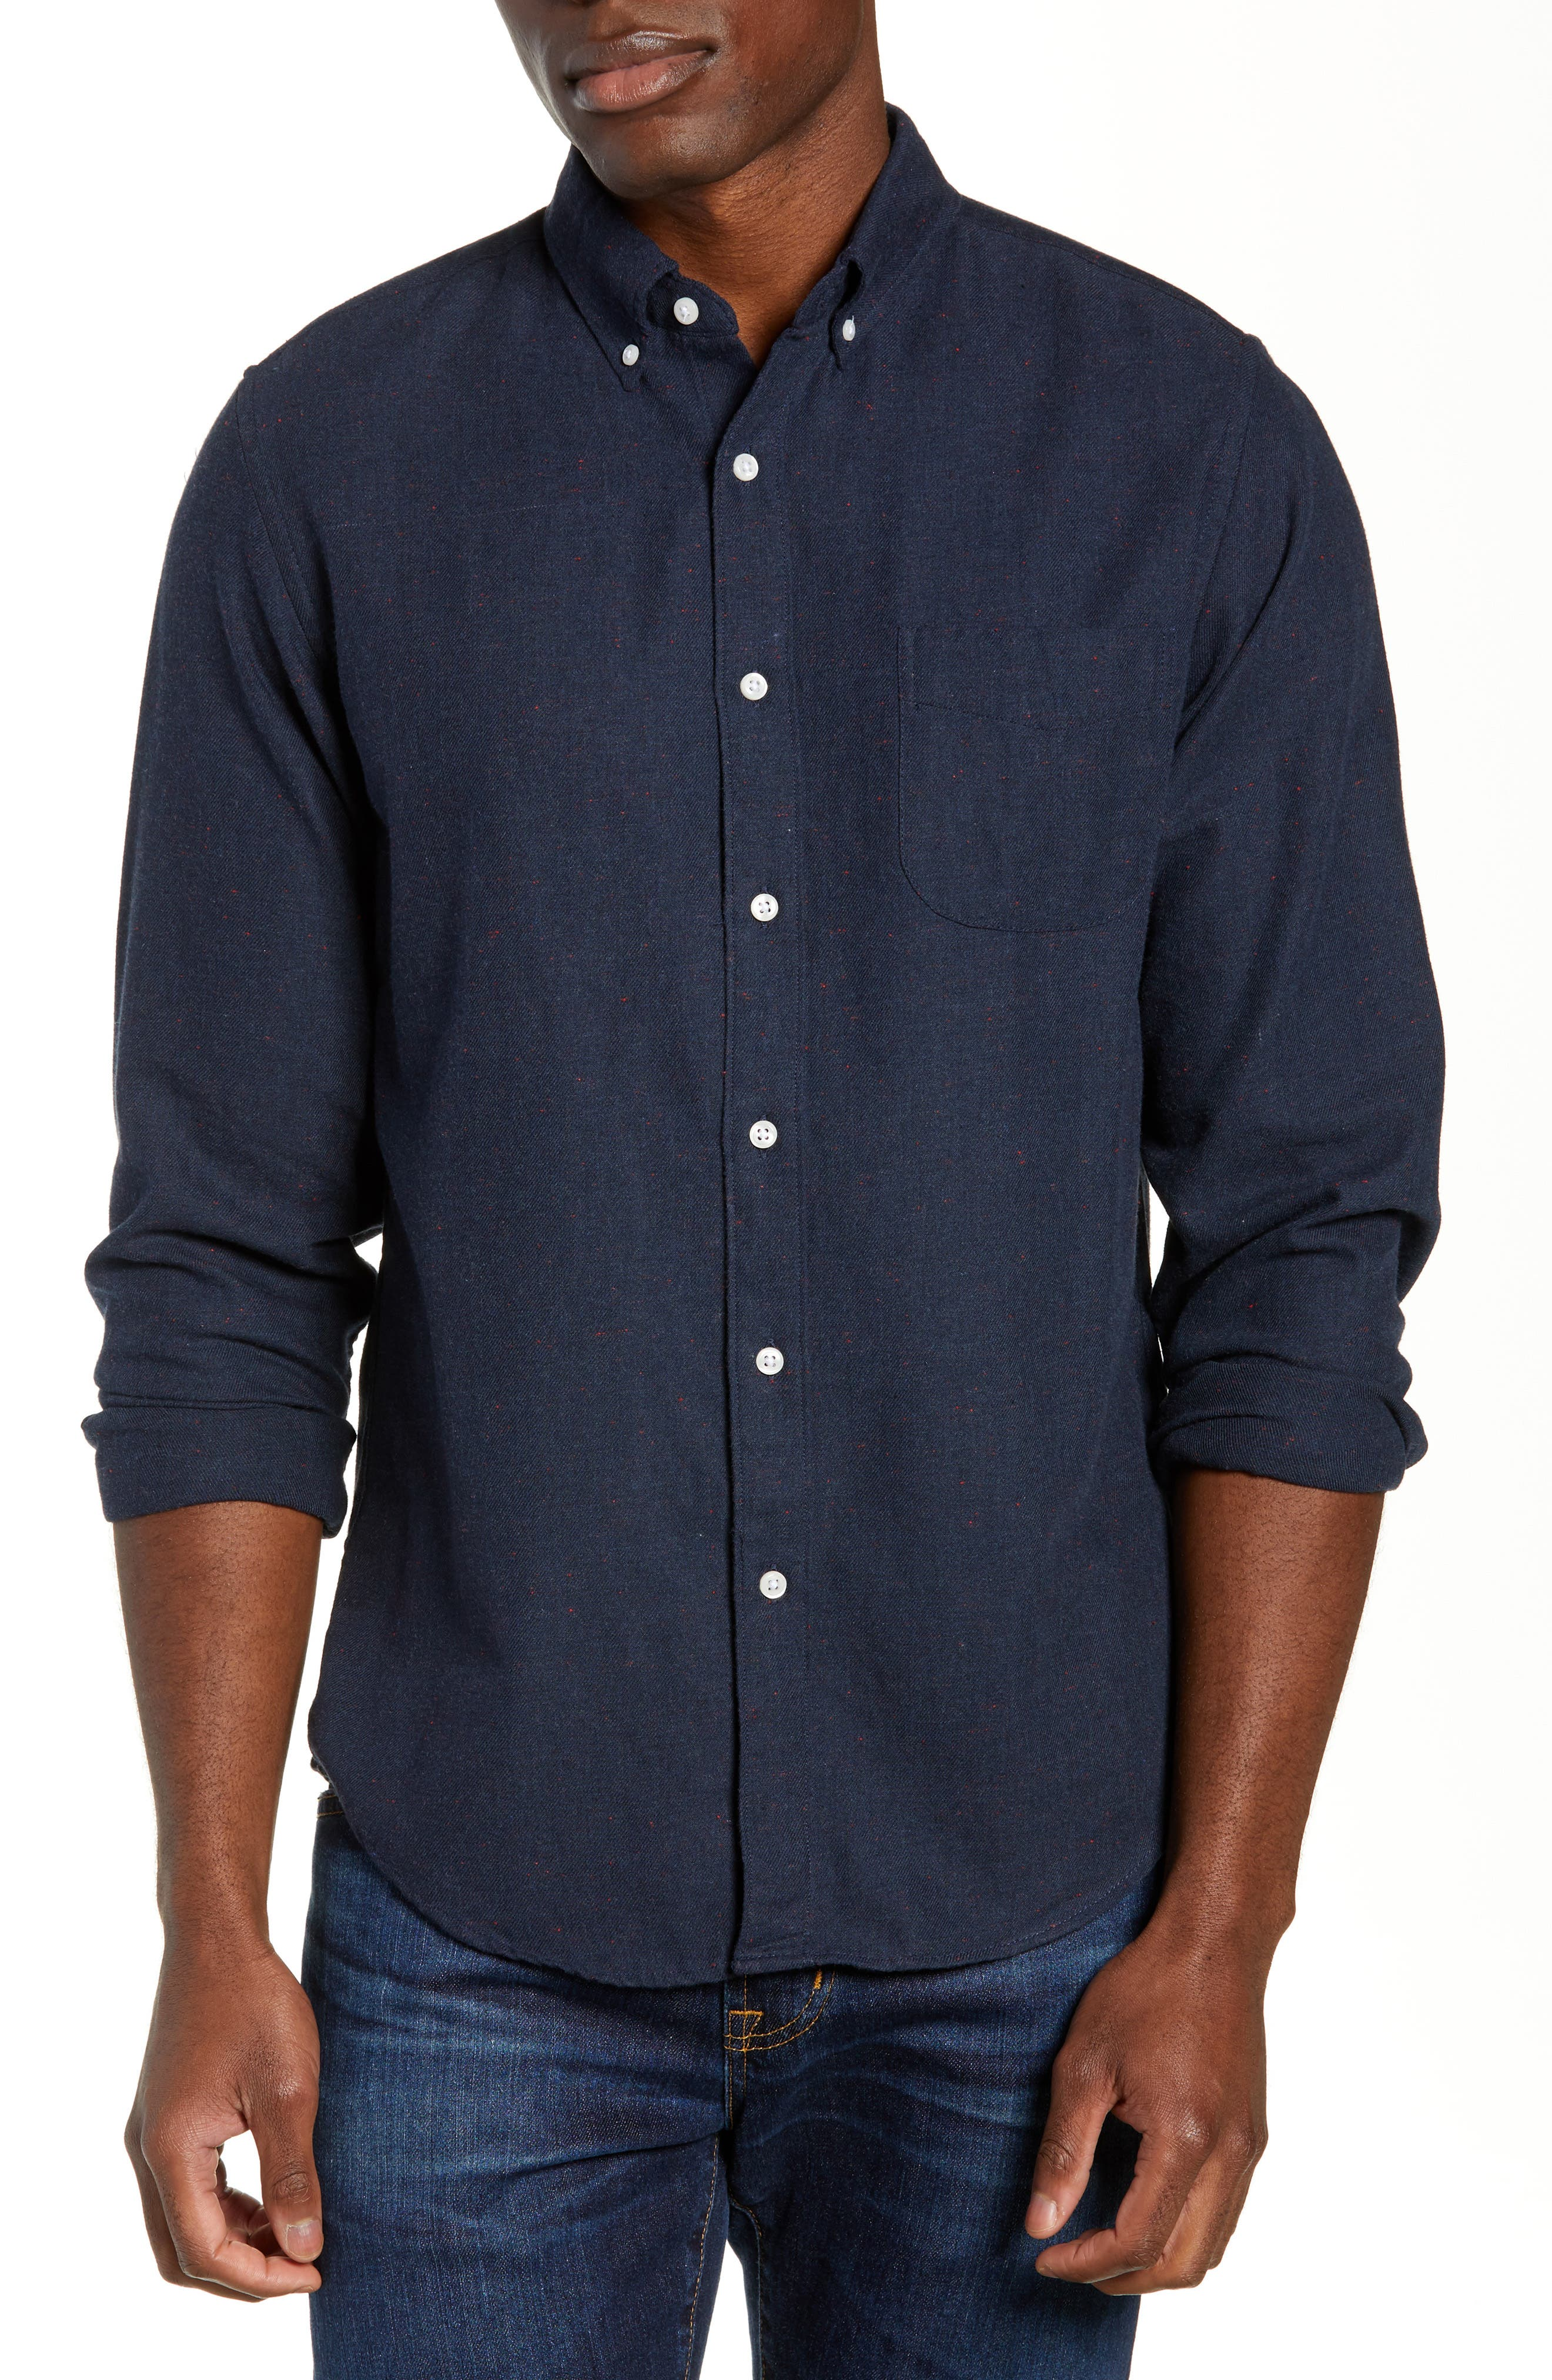 J.crew Slim Fit Neppy Twill Sport Shirt, Blue